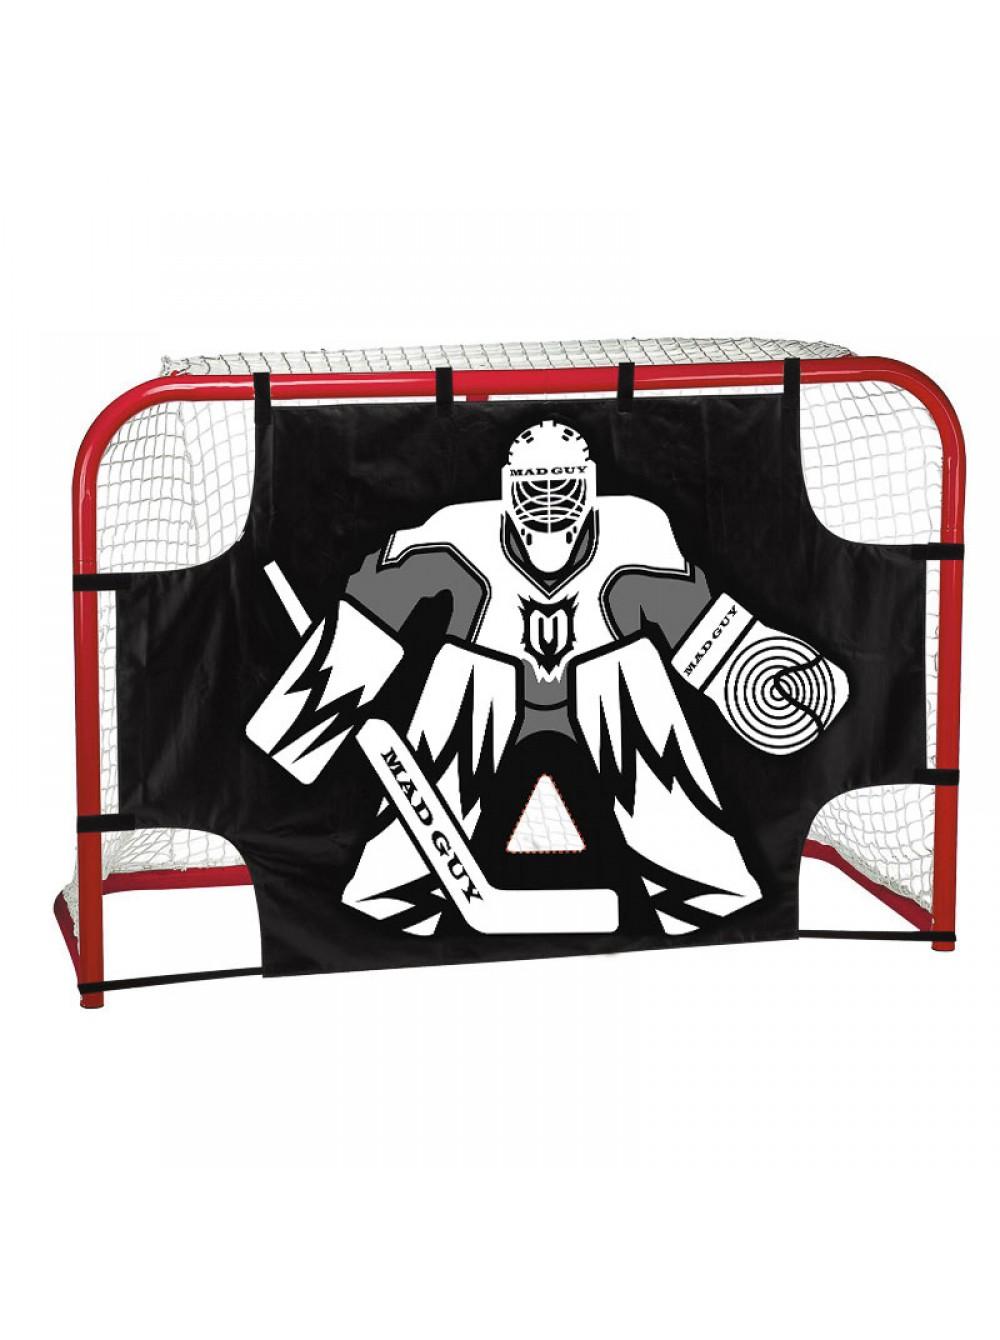 Имитатор вратаря хоккей своими руками размеры